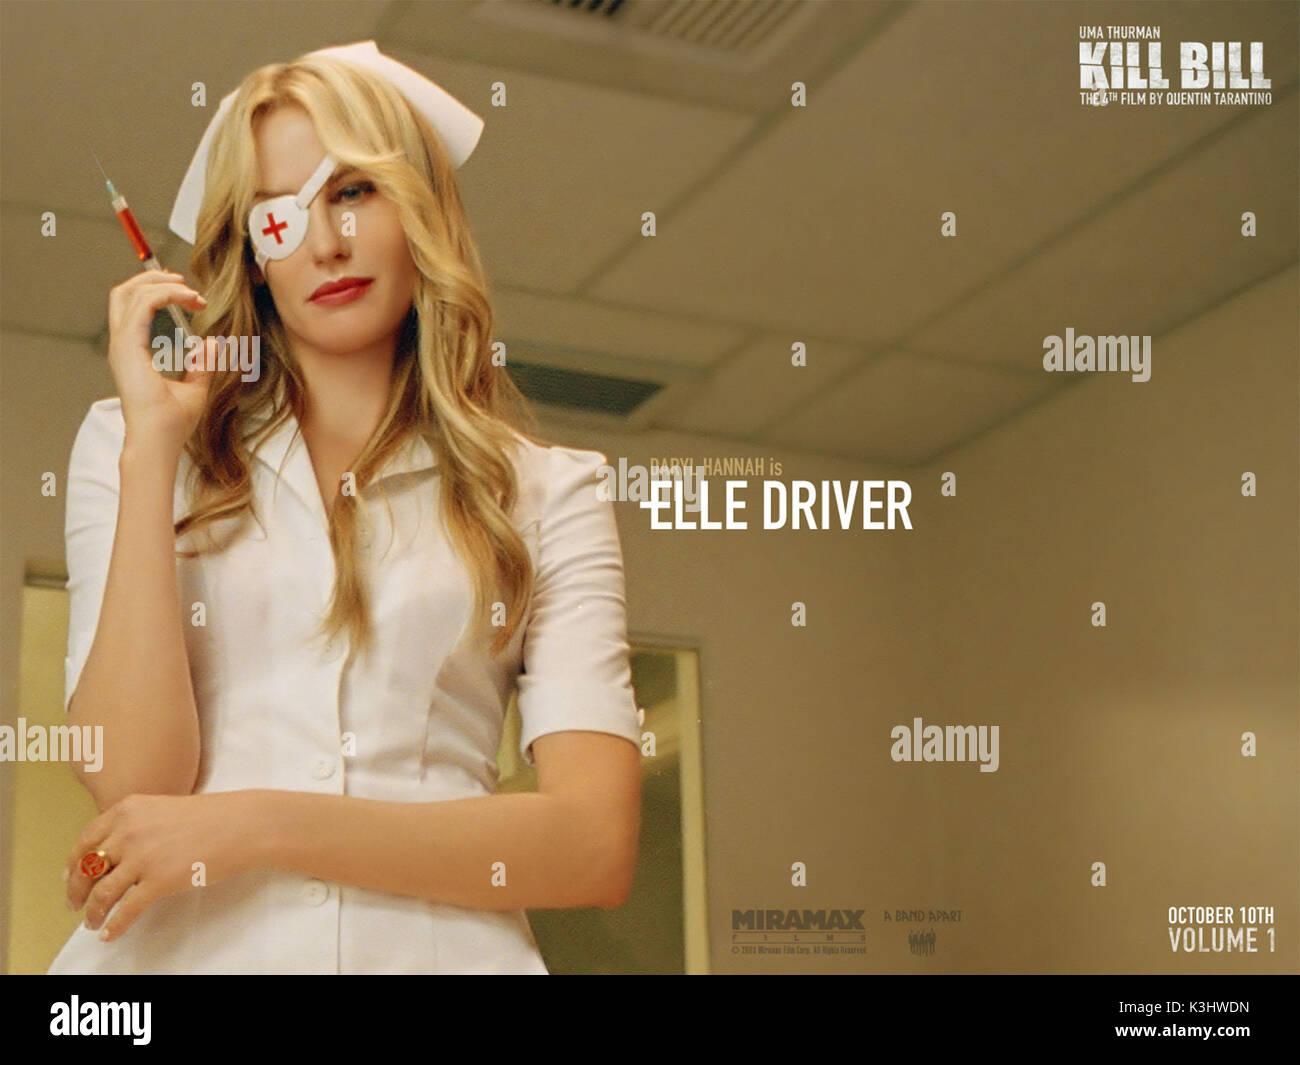 Kill bill 3 release date in Sydney